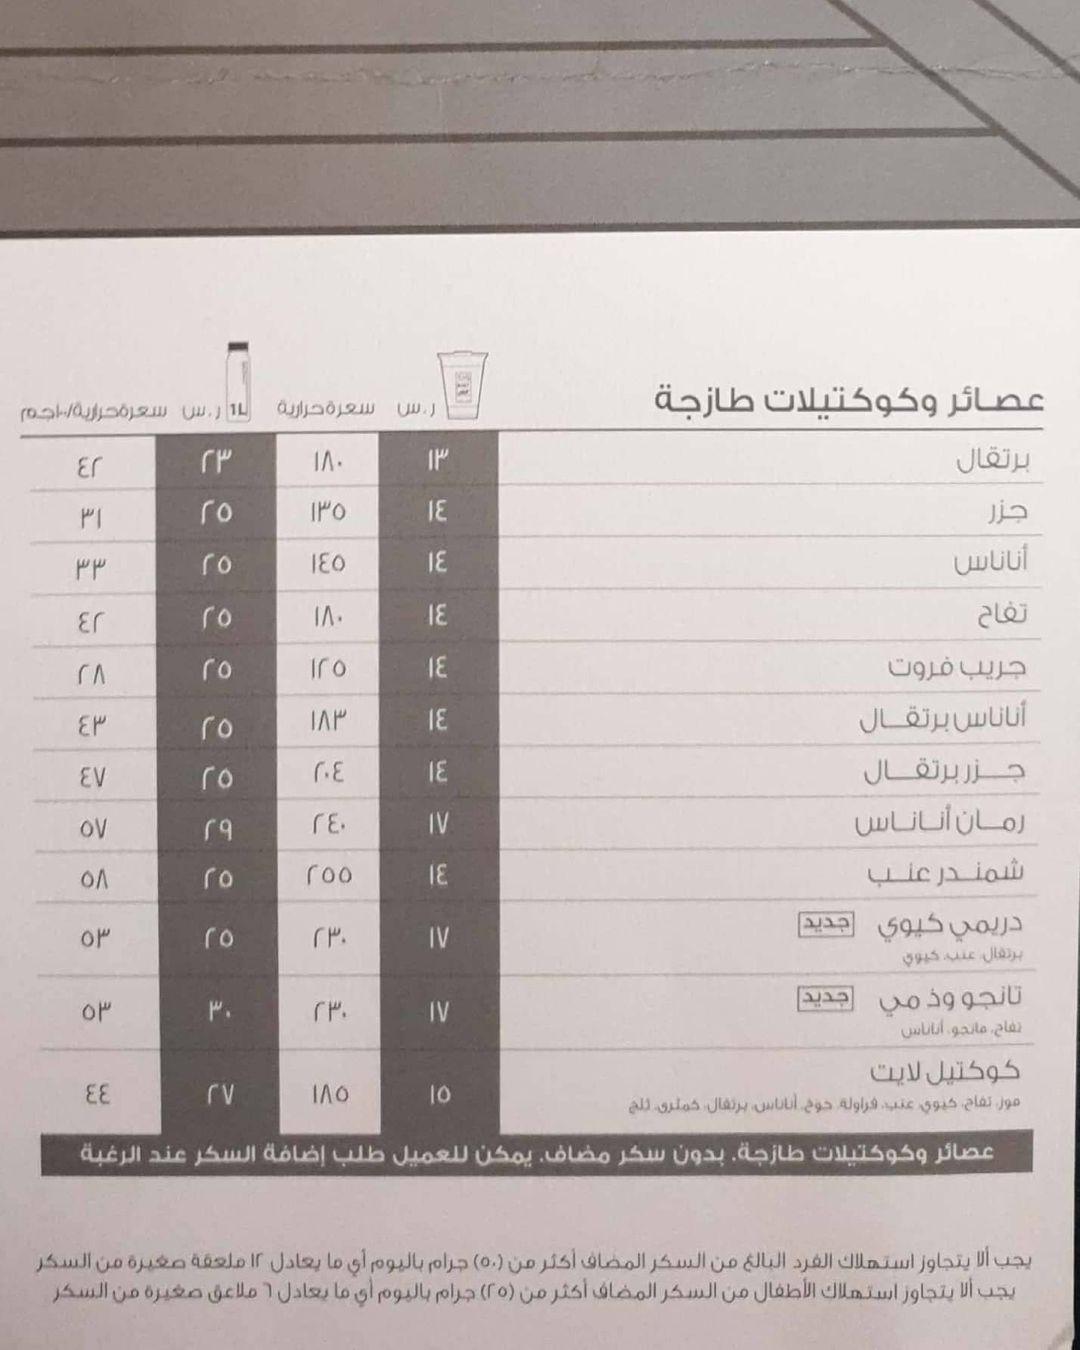 منيو كافيه سيجنتشر الأسعار المنيو الموقع كافيهات و مطاعم السعودية